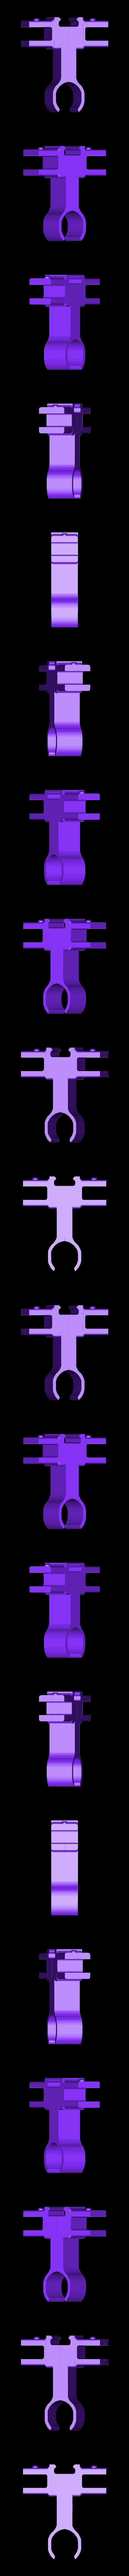 socket_1-2_TwoSided_-_ToolLarge.stl Télécharger fichier STL gratuit Organiseur de prises avec rail, double • Objet pour impression 3D, danielscatigno